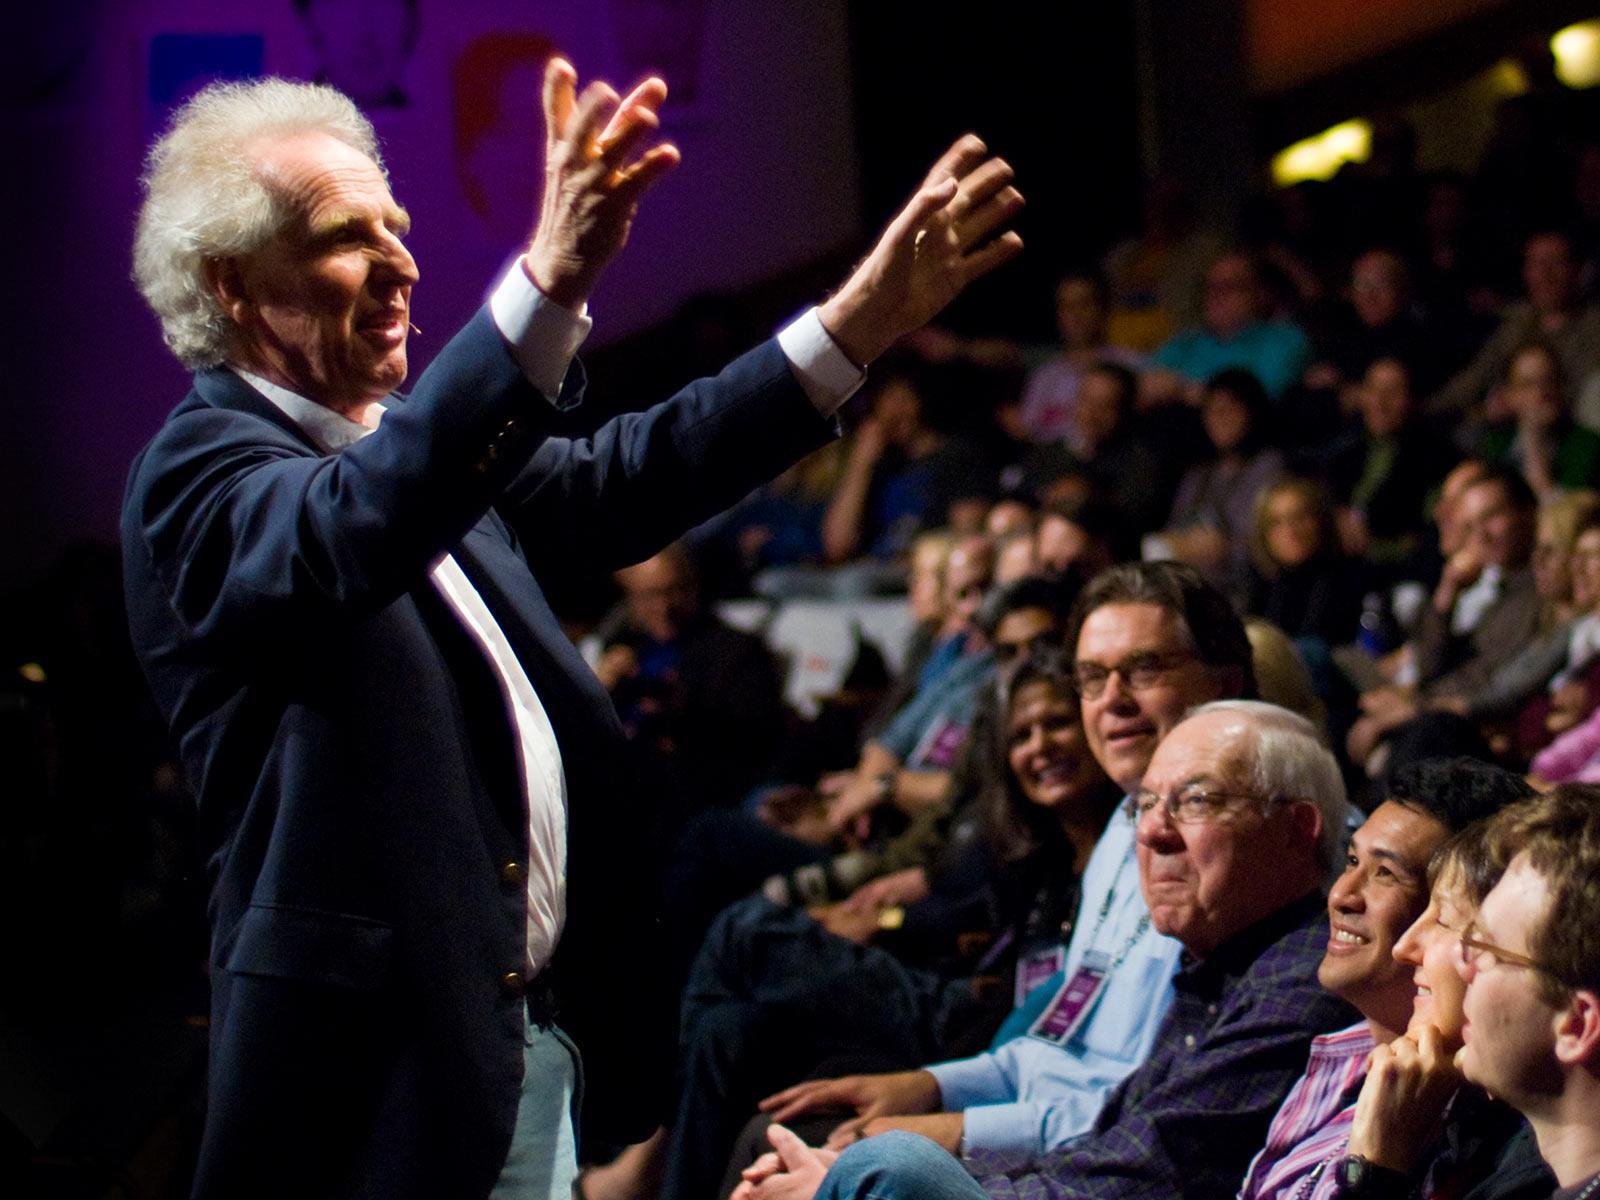 Benjamin Zander at TED 2008